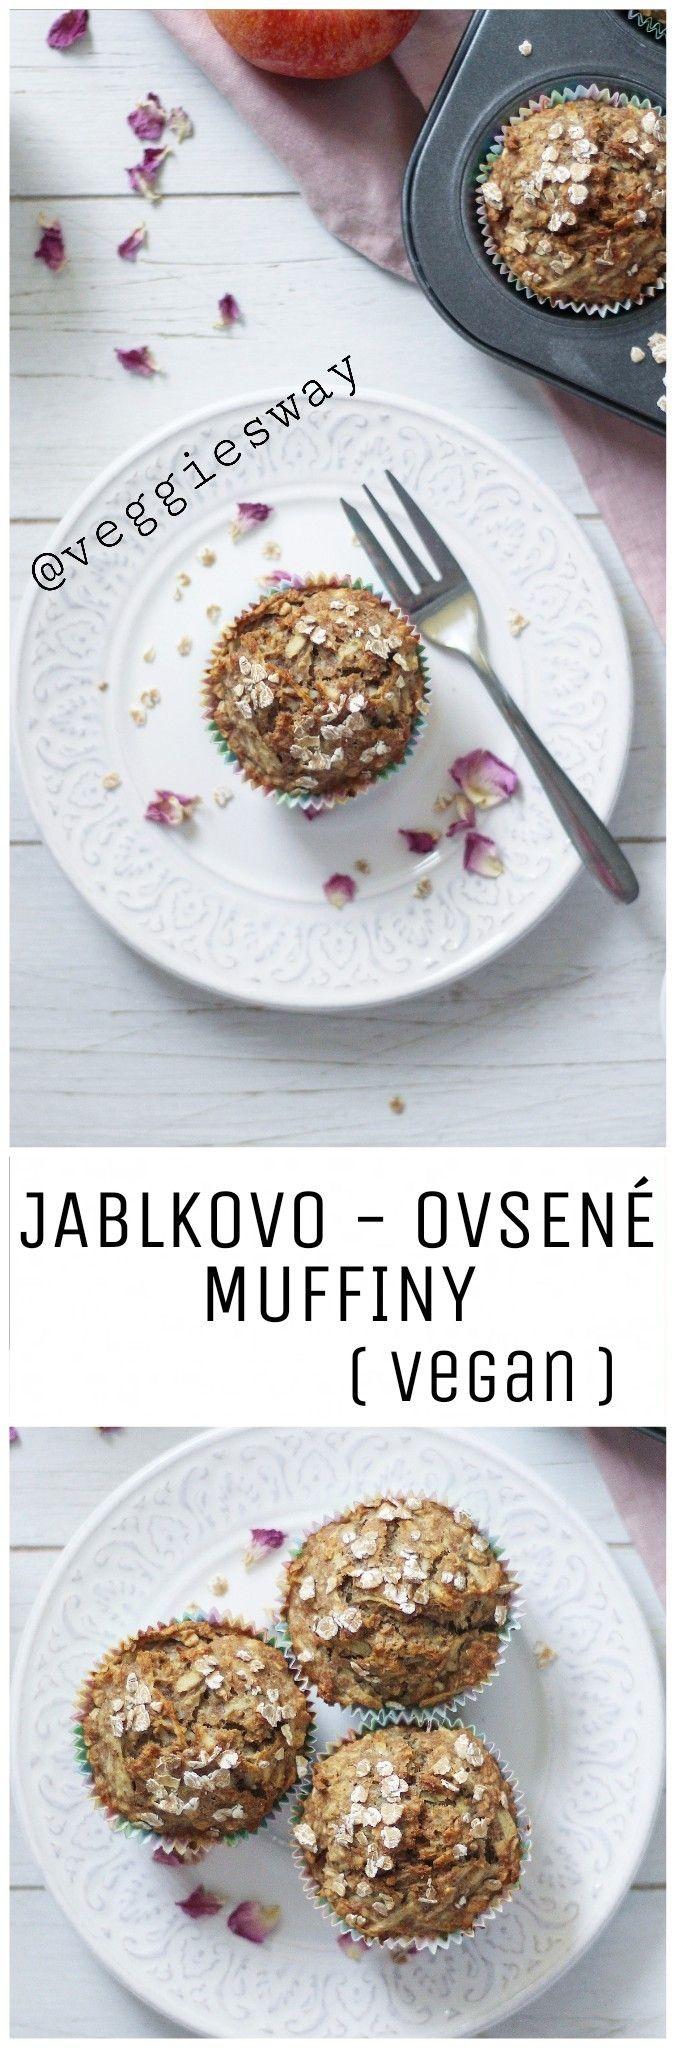 Jablkovo - ovsené muffiny